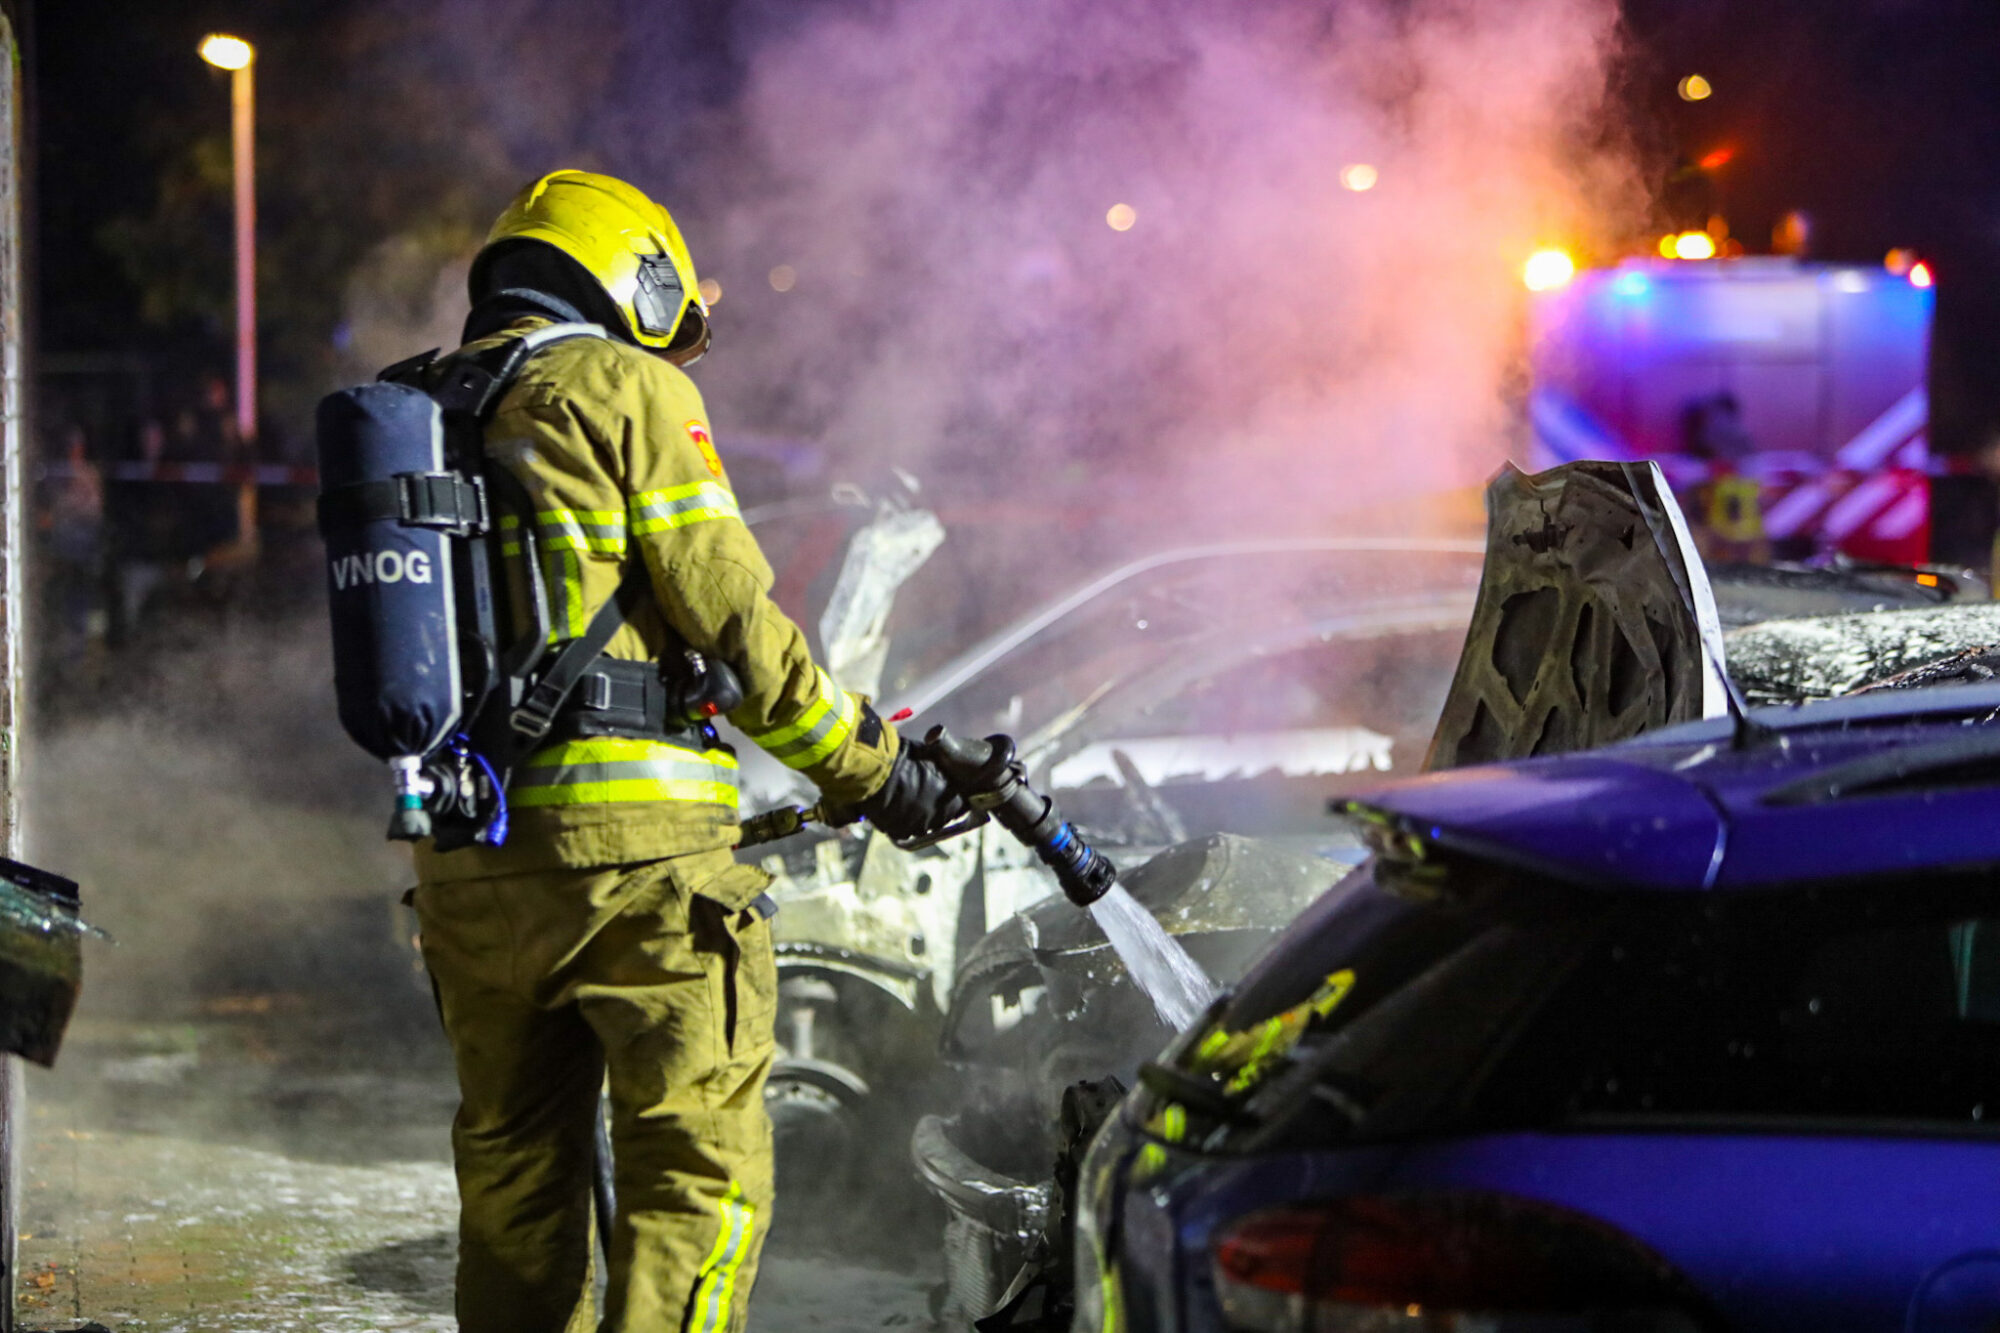 VIDEO | Brandende auto's zorgen voor gevaarlijke situatie in Apeldoorn